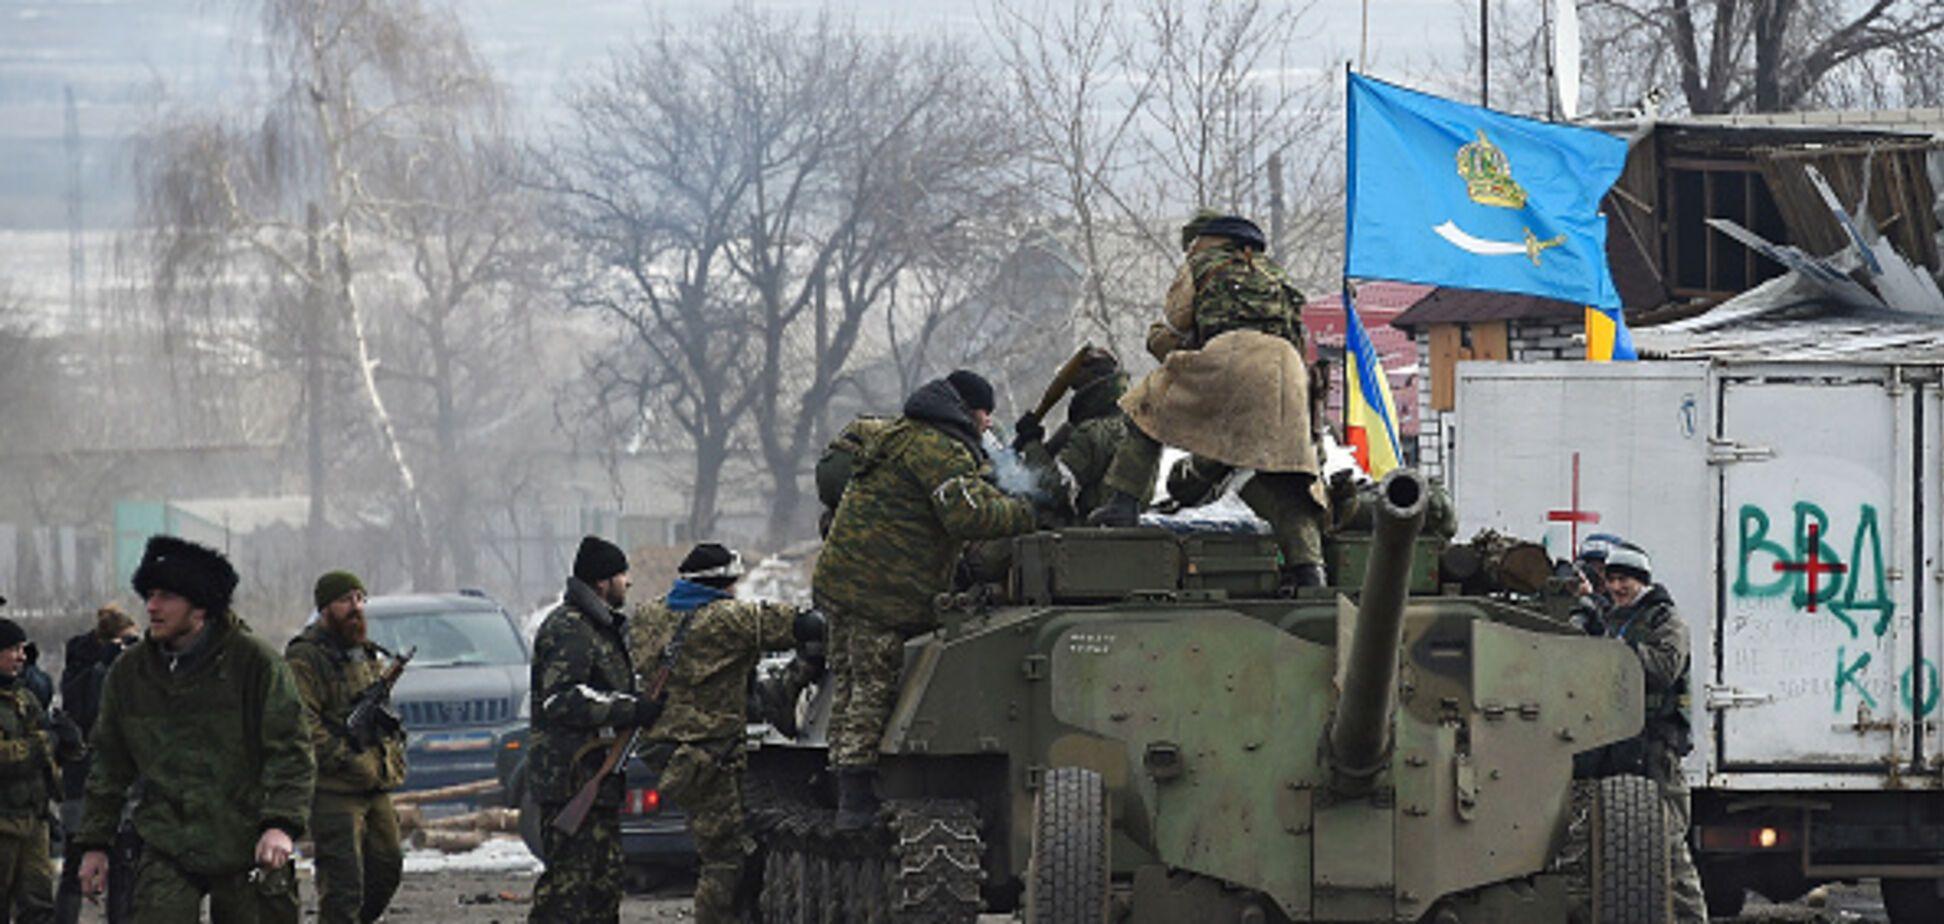 Кандидат в президенты России выступил с планом прекращения войны с Украиной